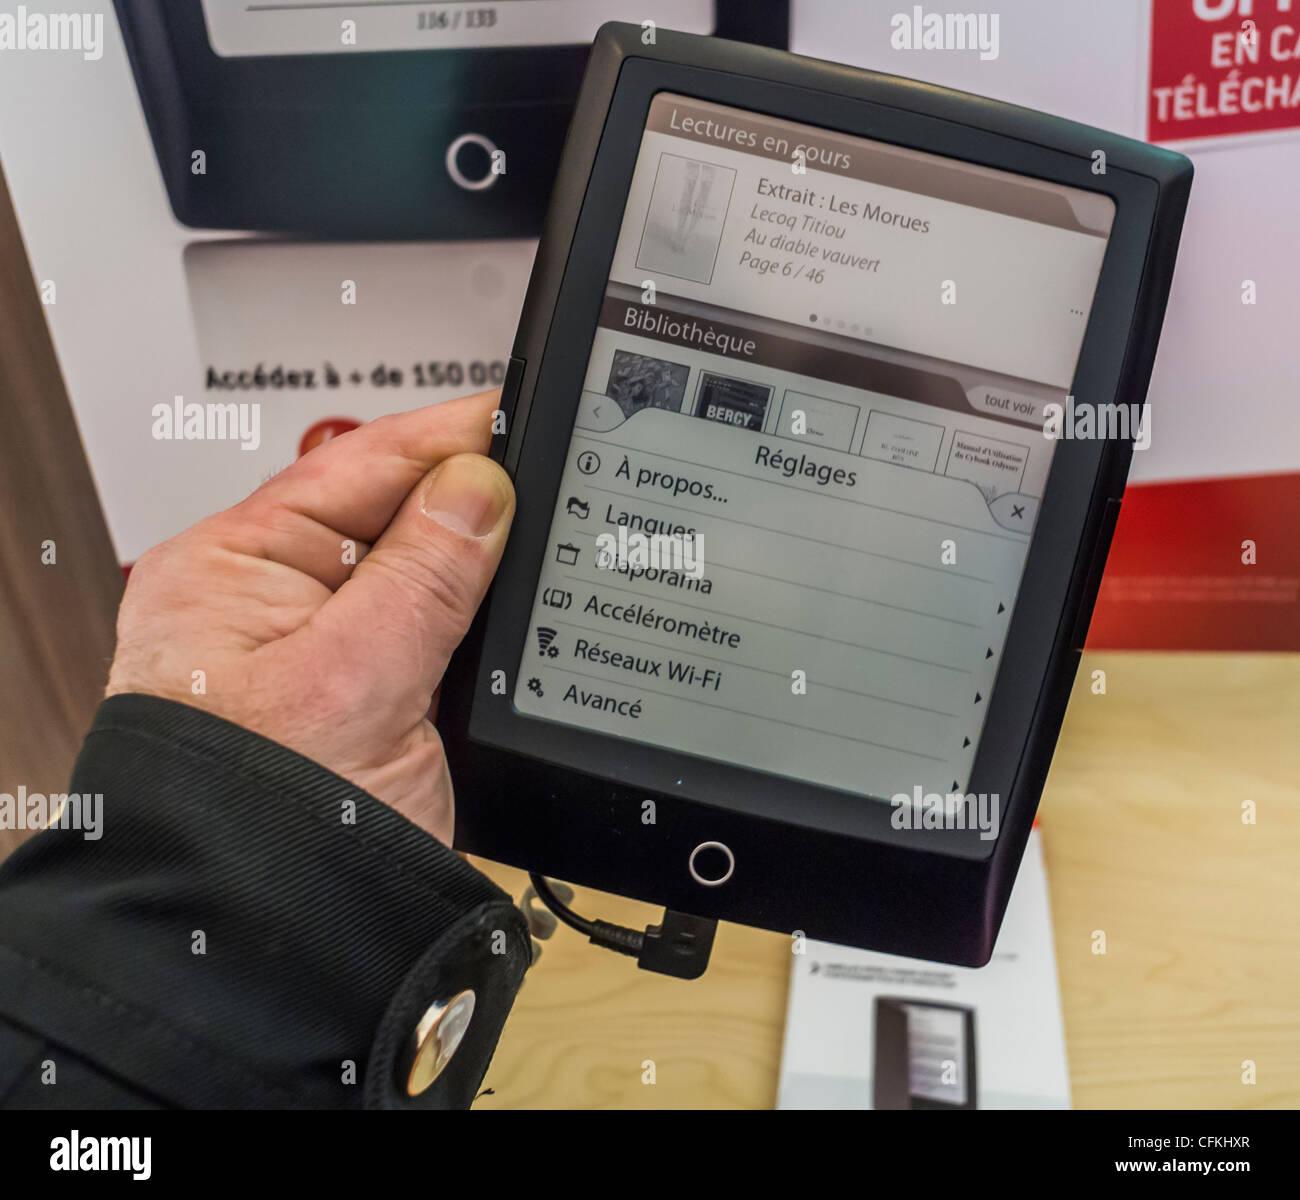 Cool Paris France Electronic Book Tablet Virgin Mega Store Cybook Odyssey With Megastore Prospekt Segmuller Weiterstadt